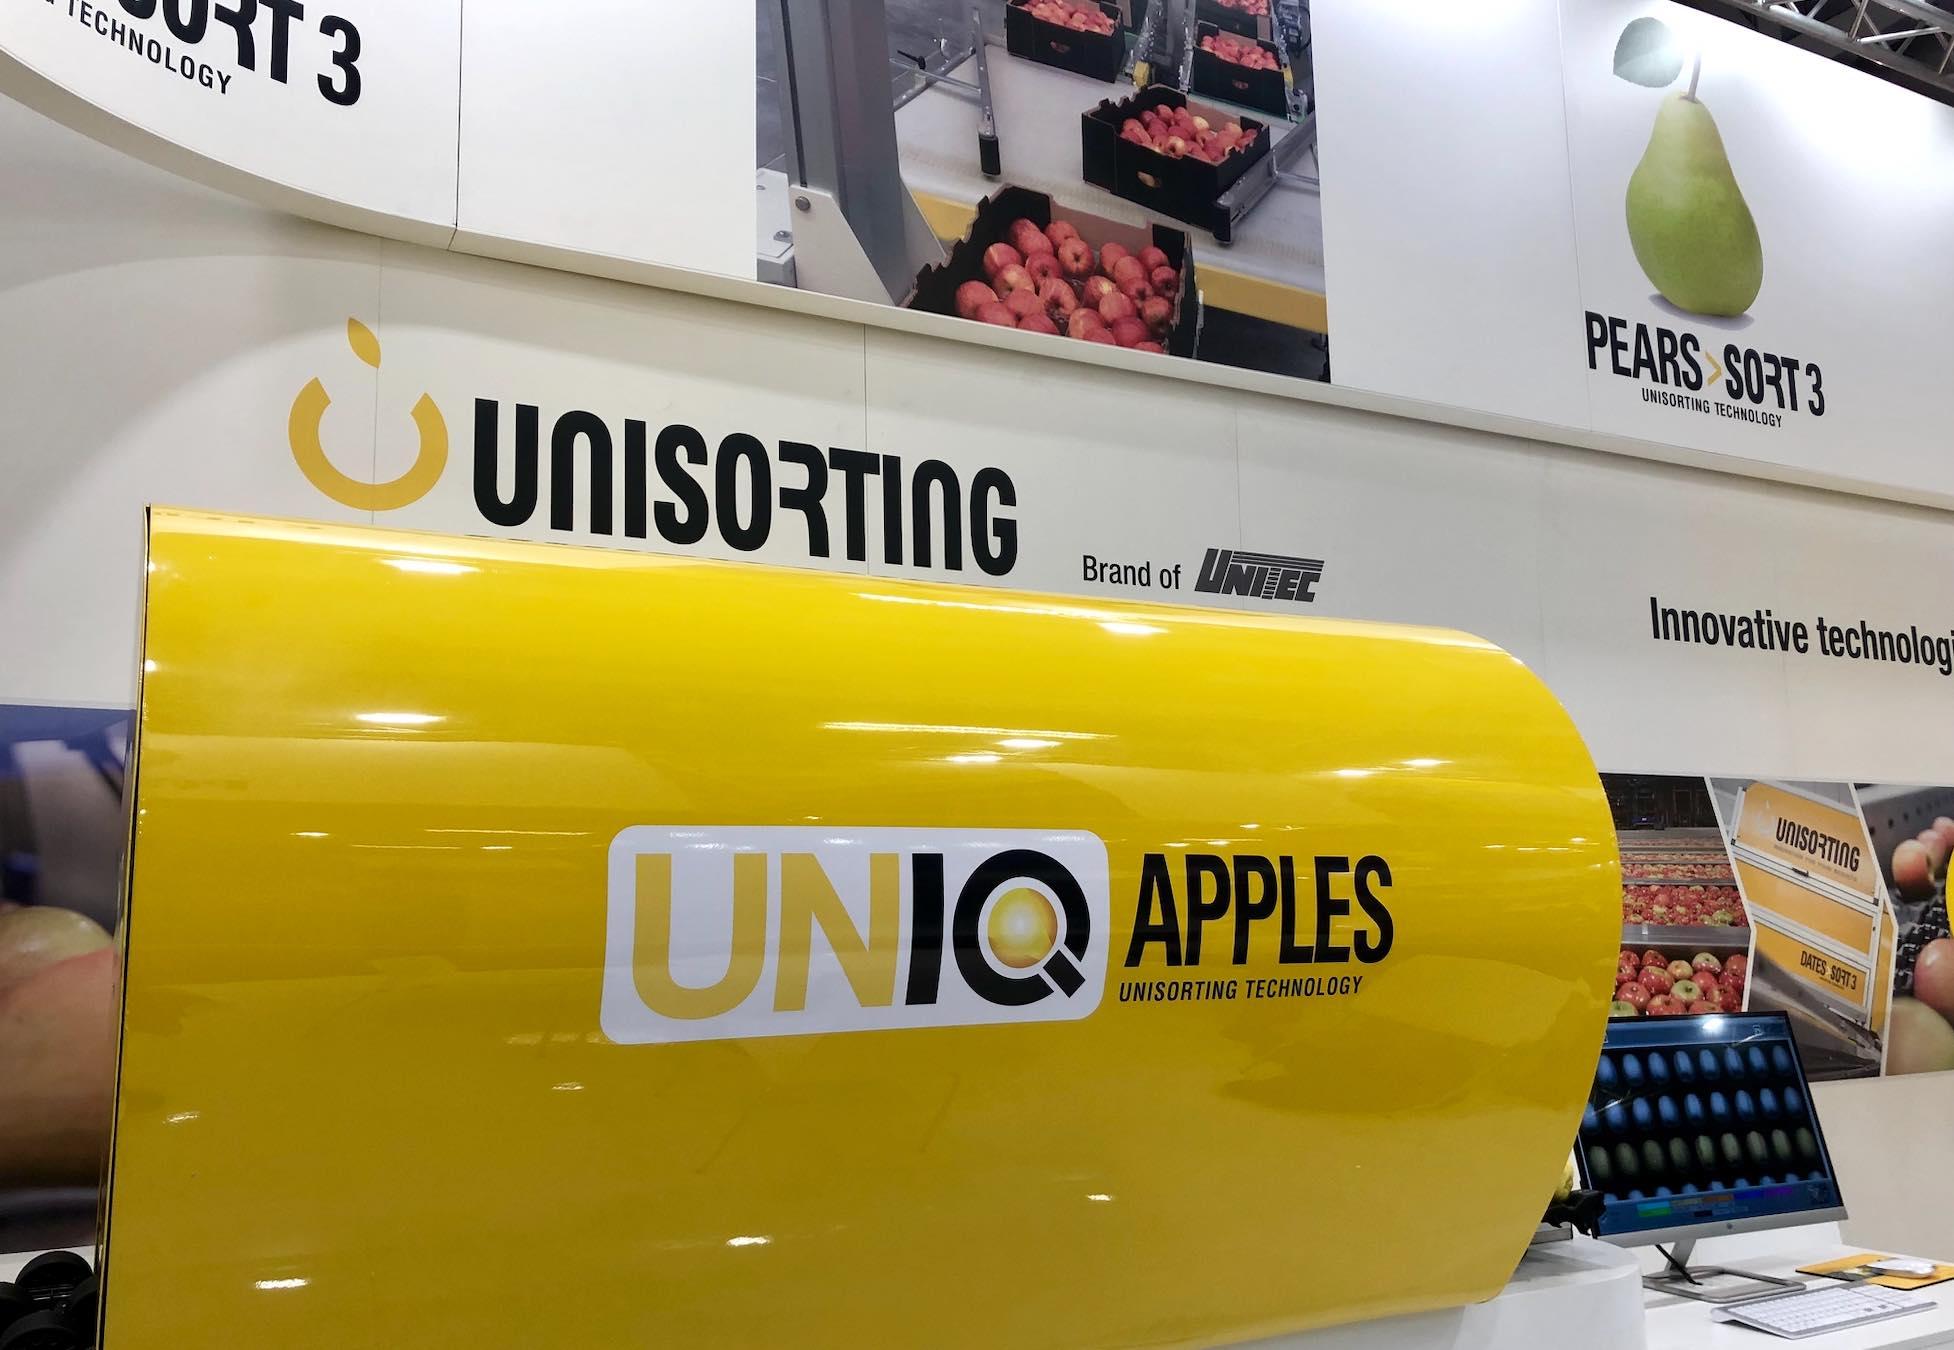 Unitec_Unisorting_Uniq_FL19_Fm